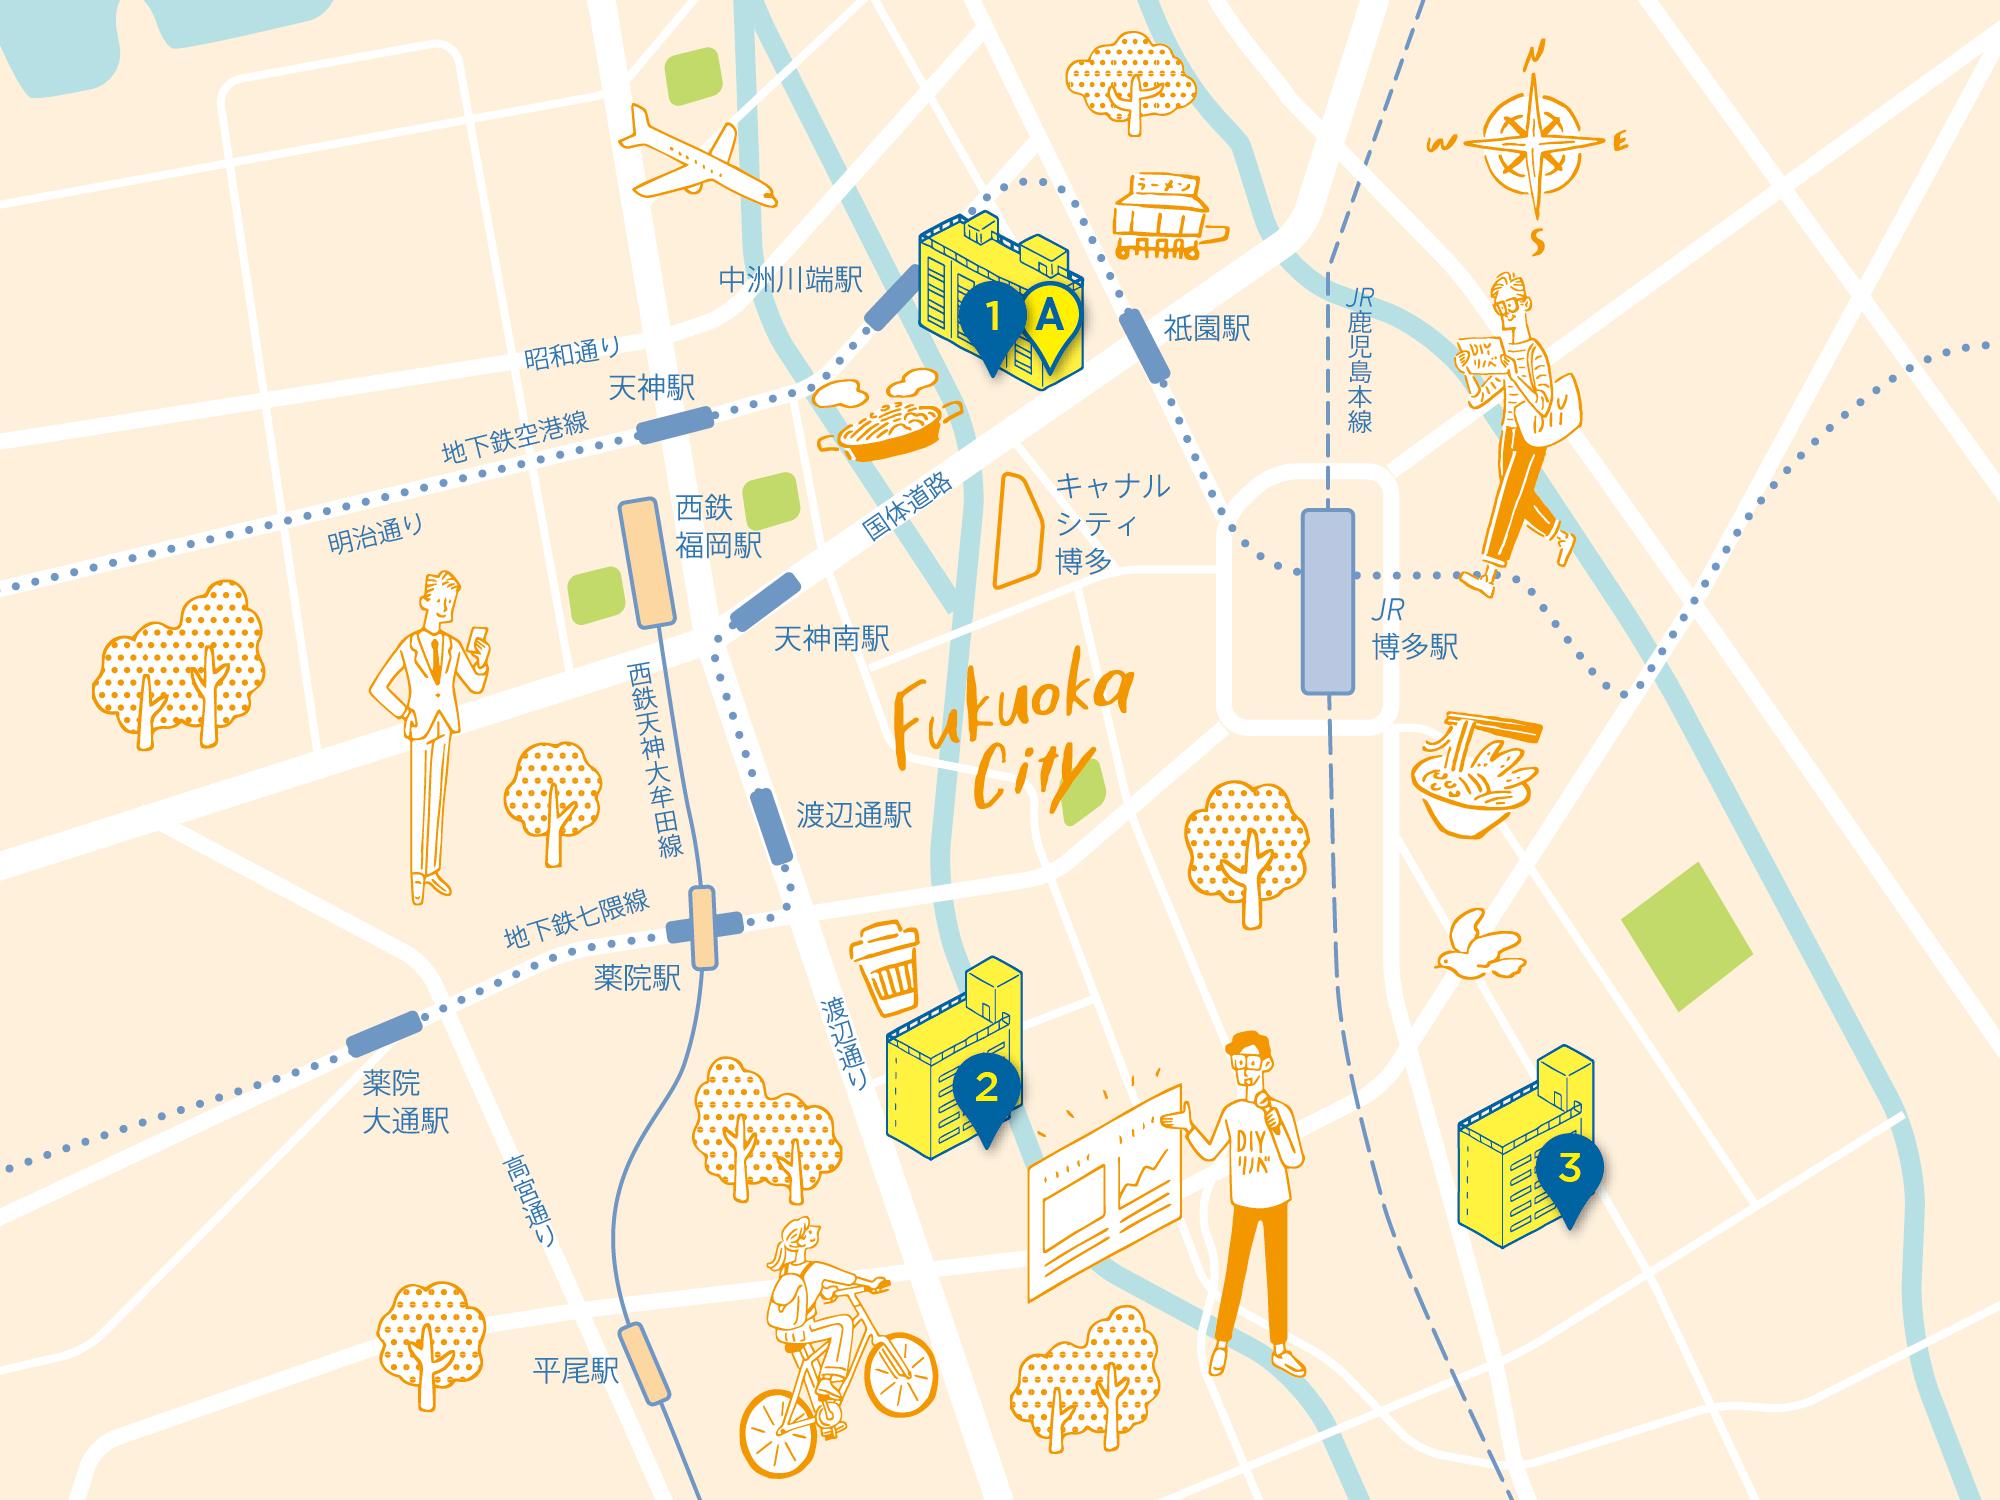 福岡市エリアマップ